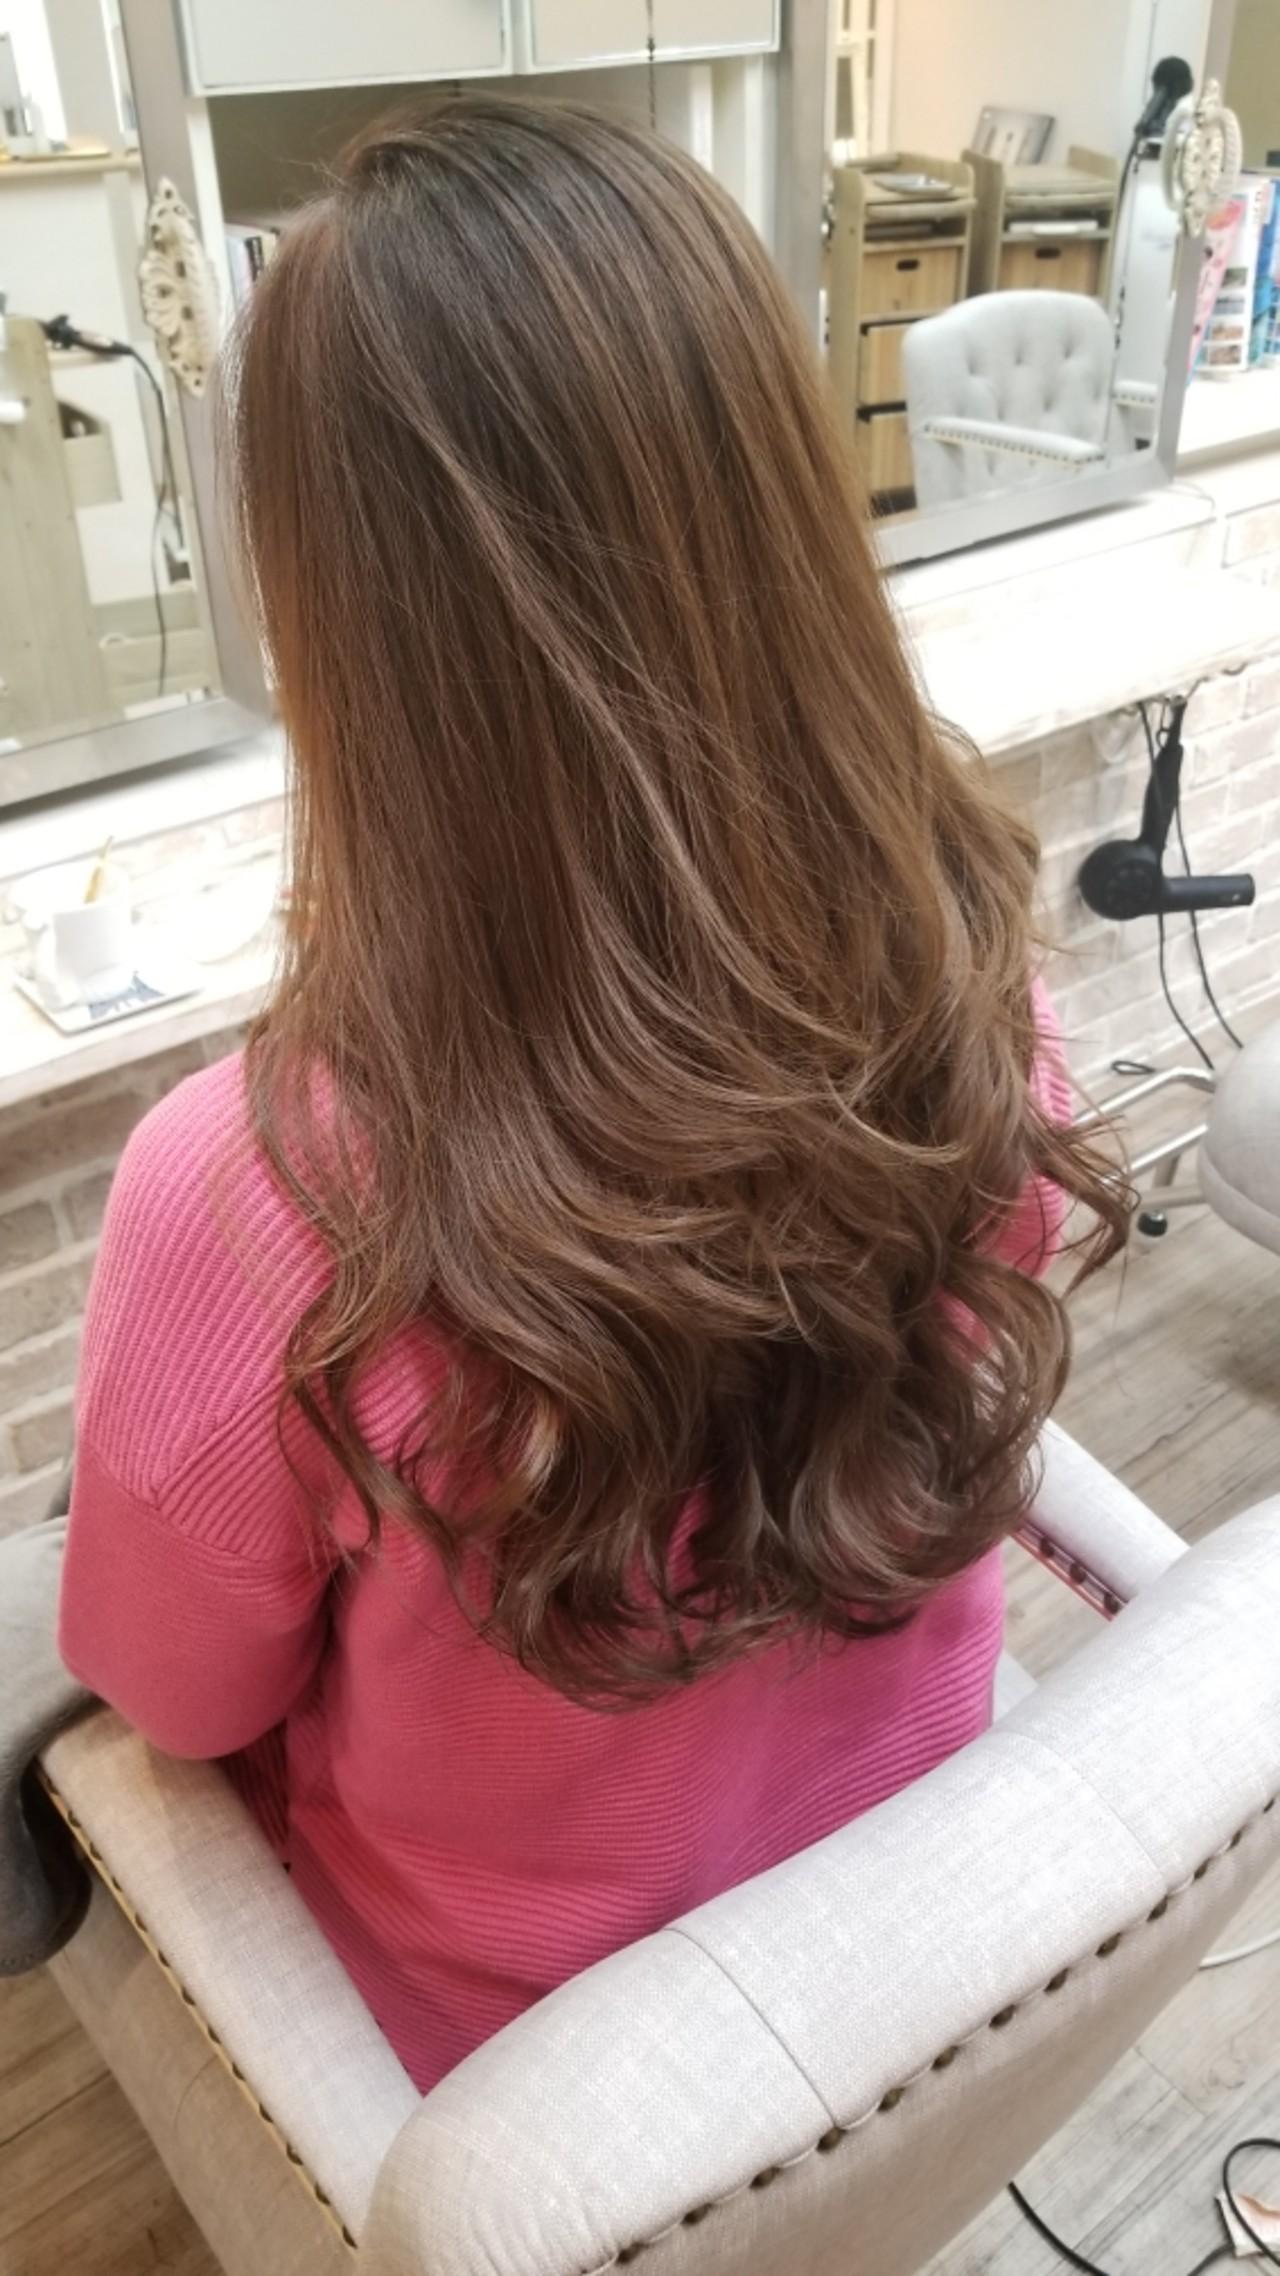 上品 ロング 巻き髪 外国人風カラー ヘアスタイルや髪型の写真・画像 | Naoko Miura / avant